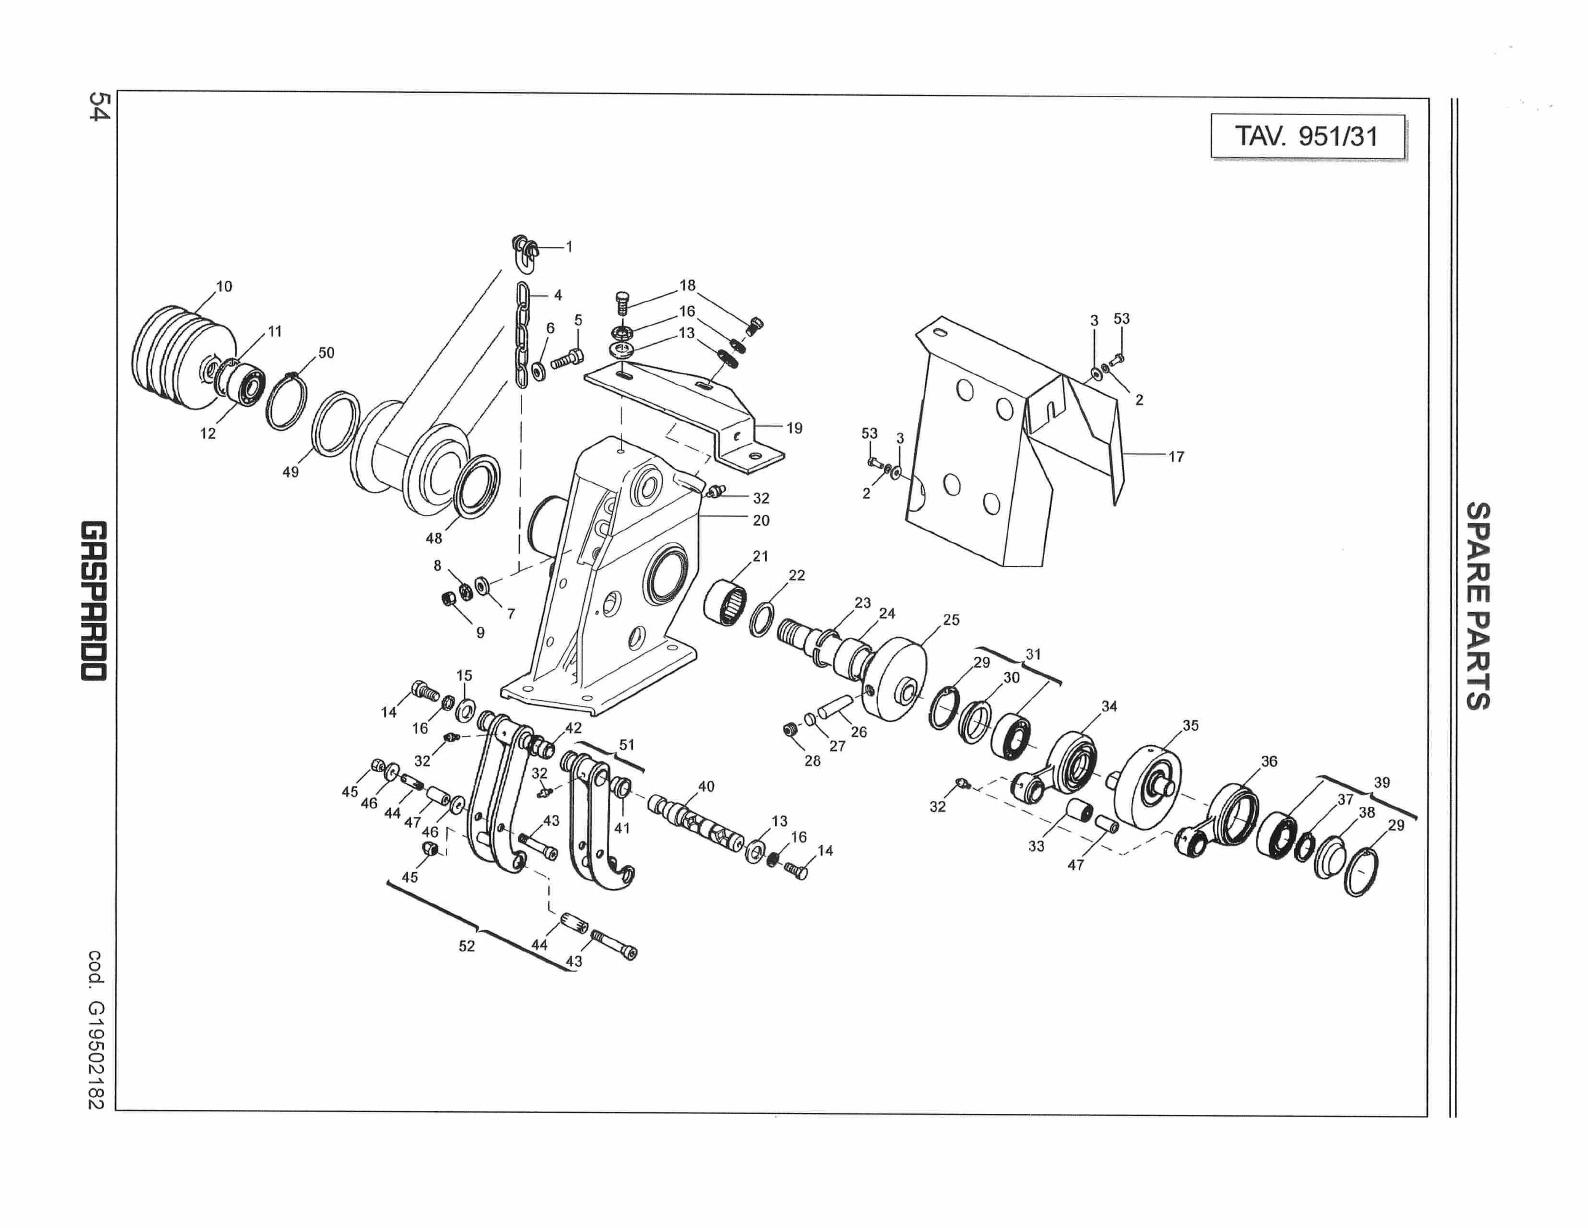 Fb Series Mower Parts Manual